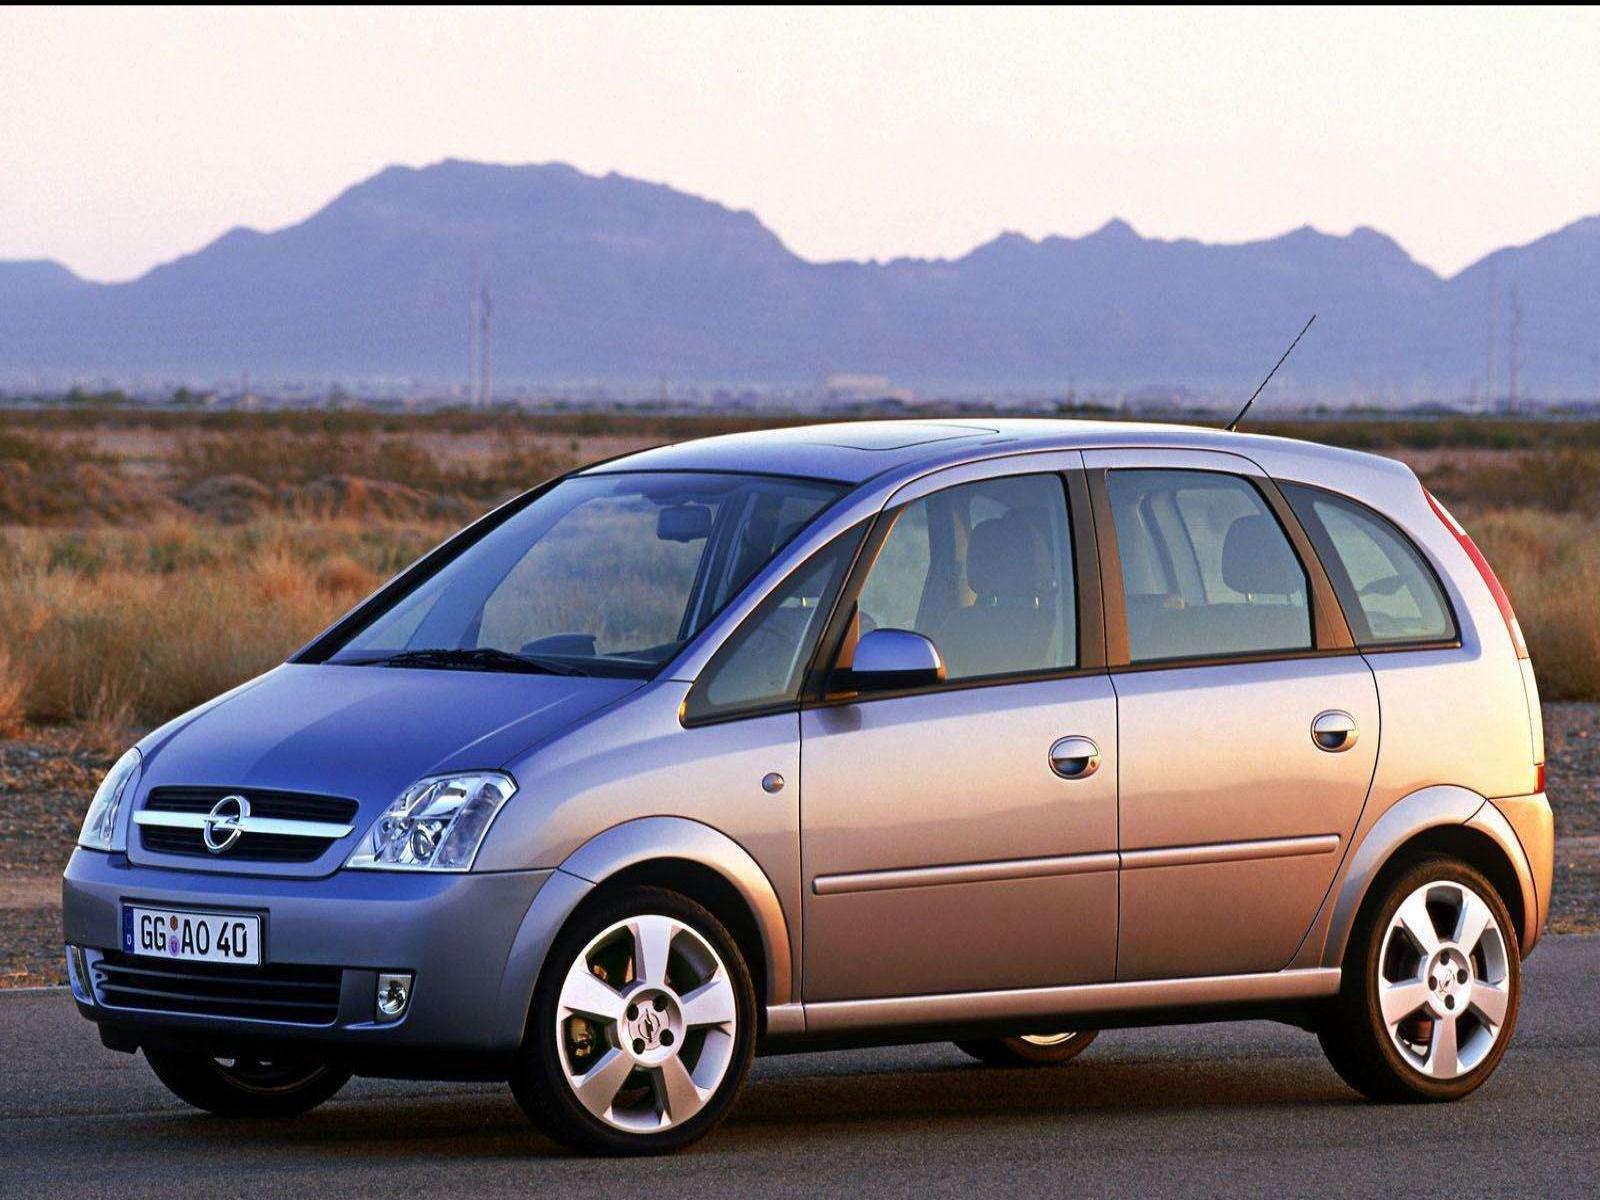 Car and car zone opel meriva 2003 new cars car reviews car opel meriva 2003 vanachro Images